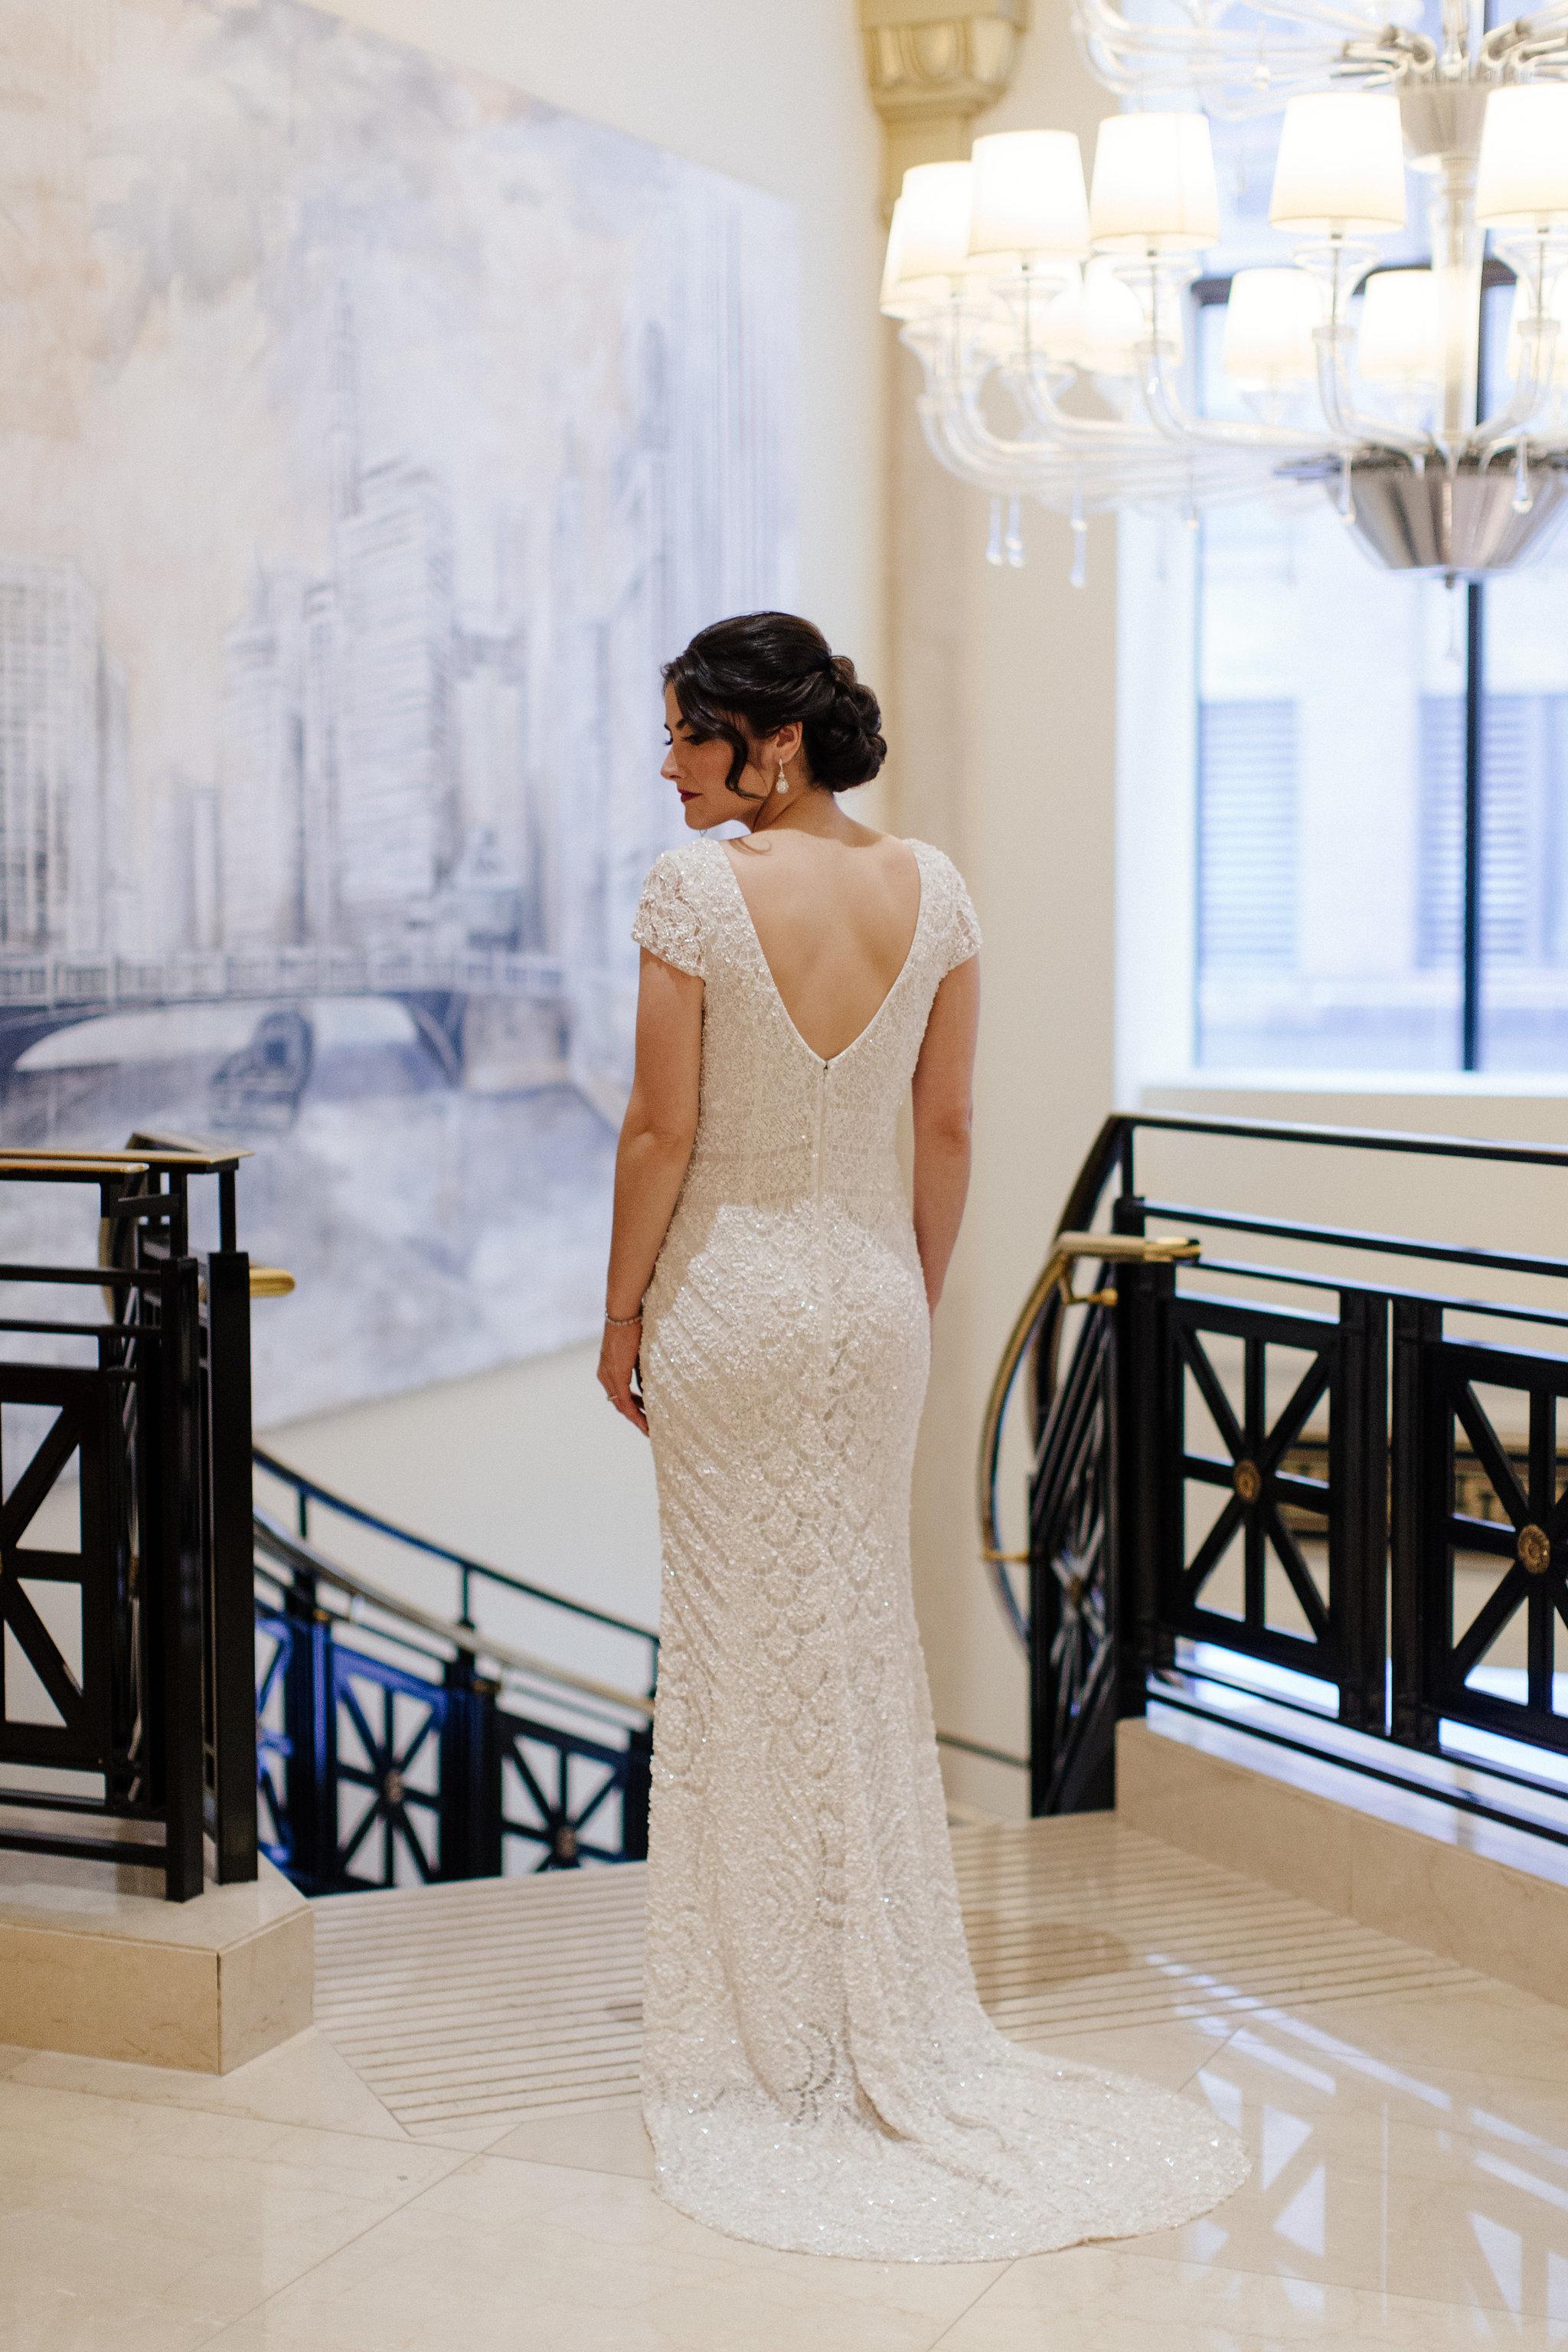 cudone-wedding-076.JPG